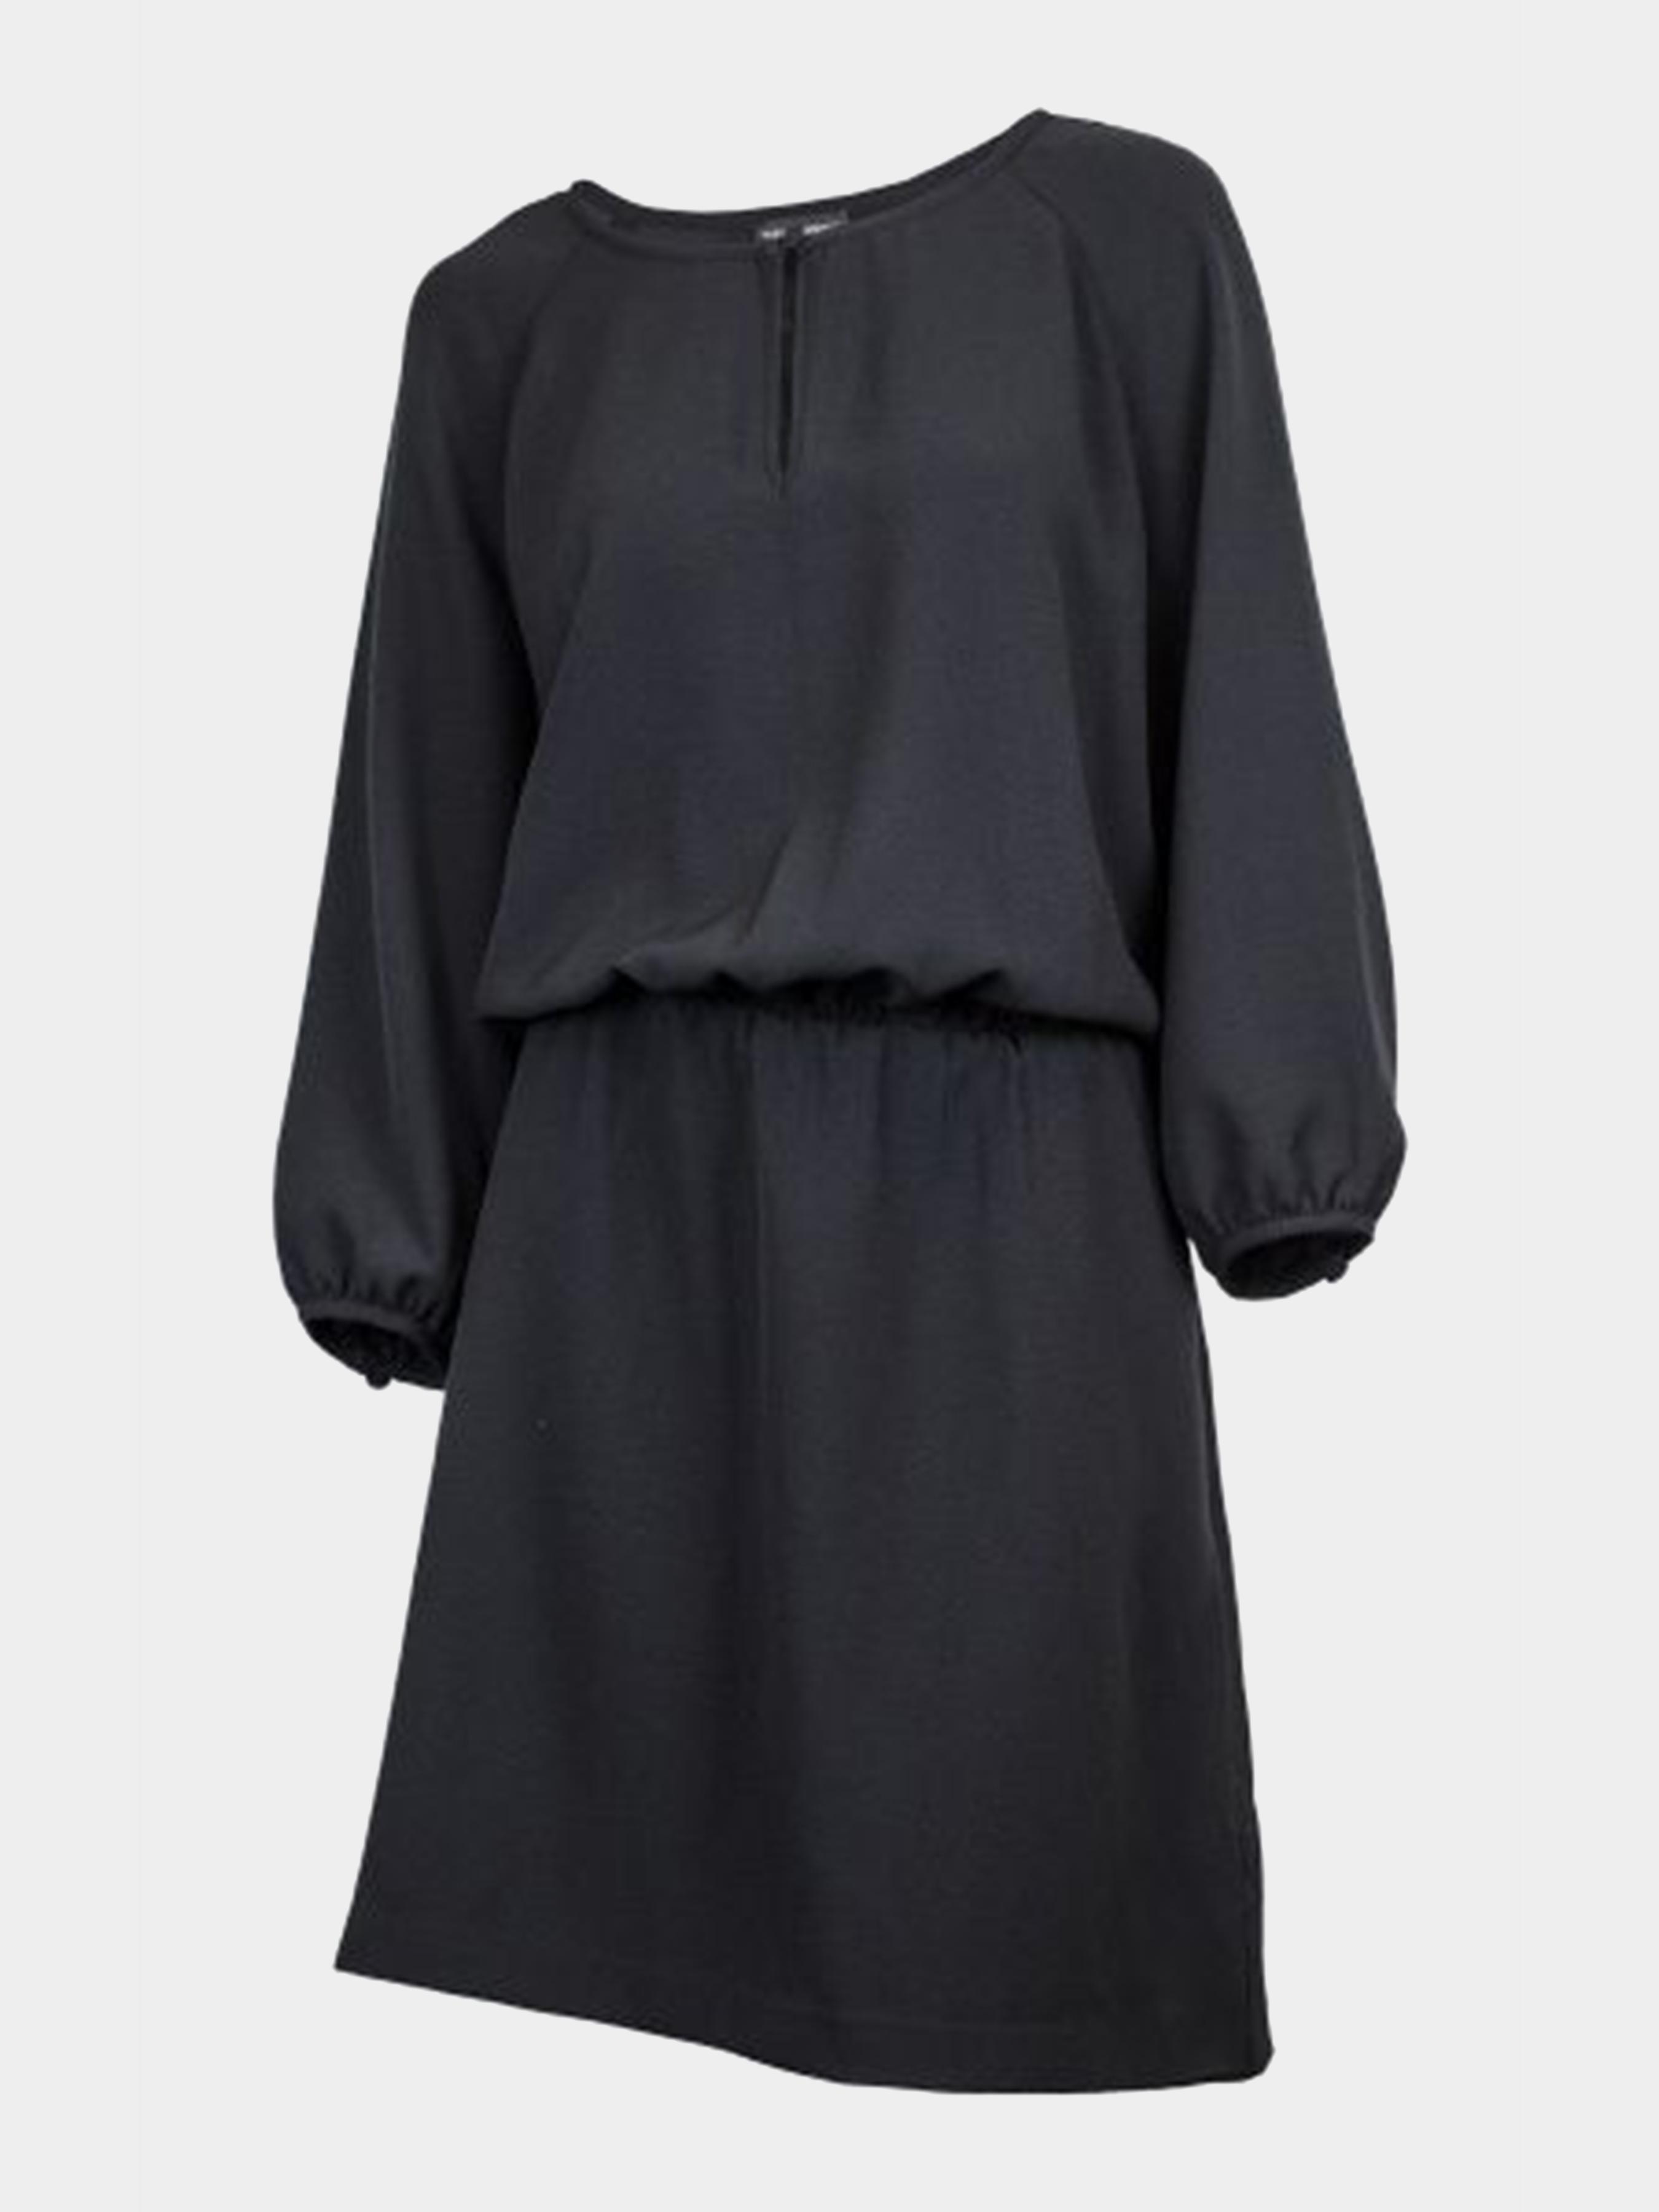 Платье женские модель 5P81, Emporio Armani, Черный  - купить со скидкой